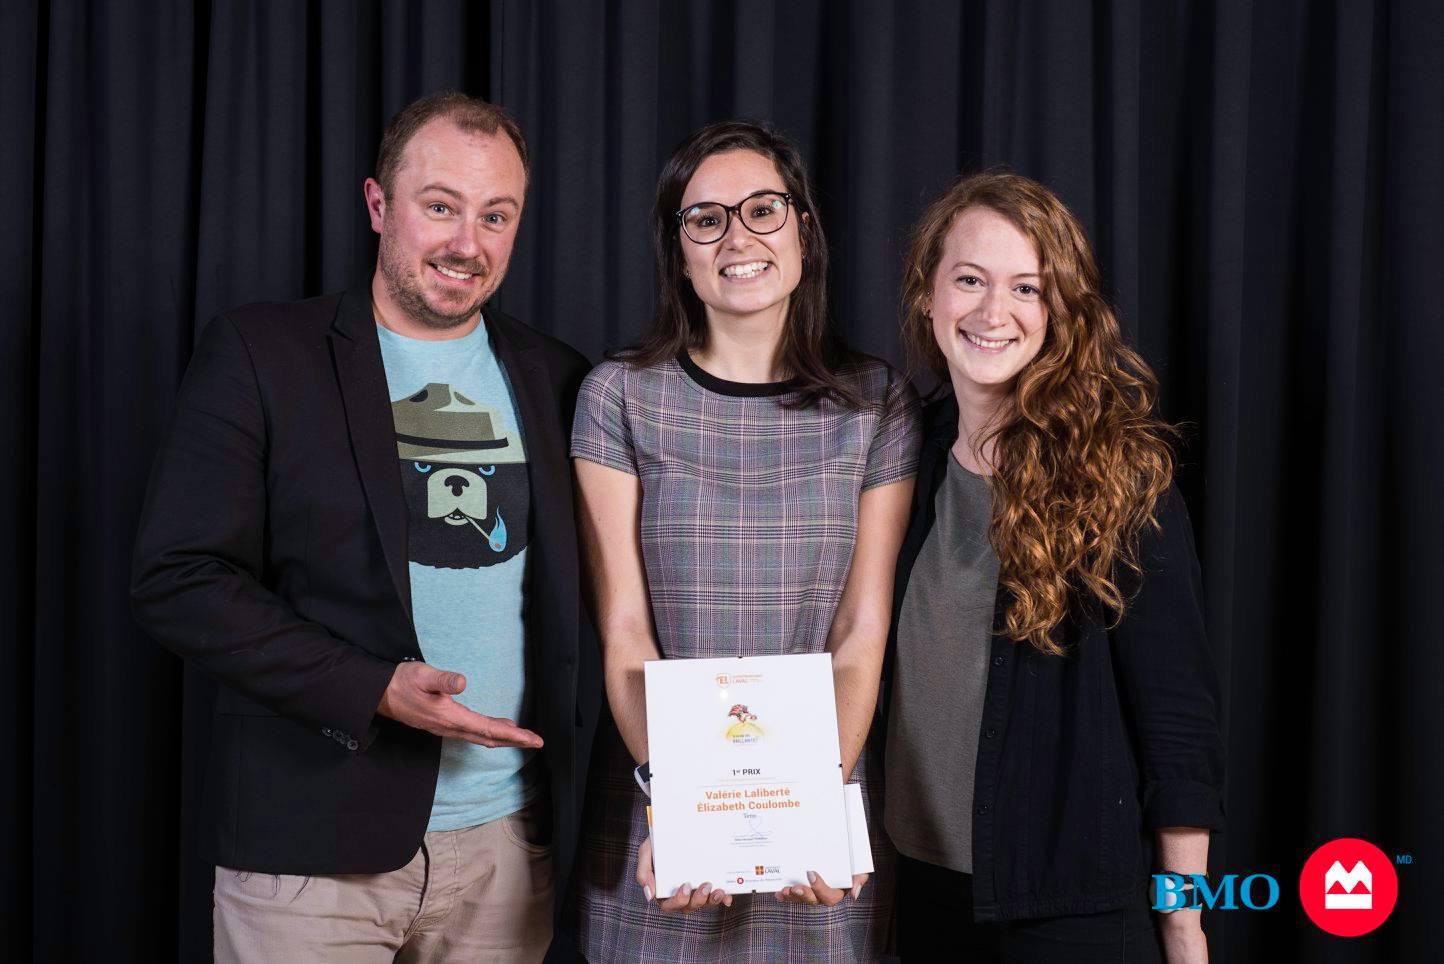 Elizabeth et Valérie remporte le 1er prix au concours Idées d'entreprises